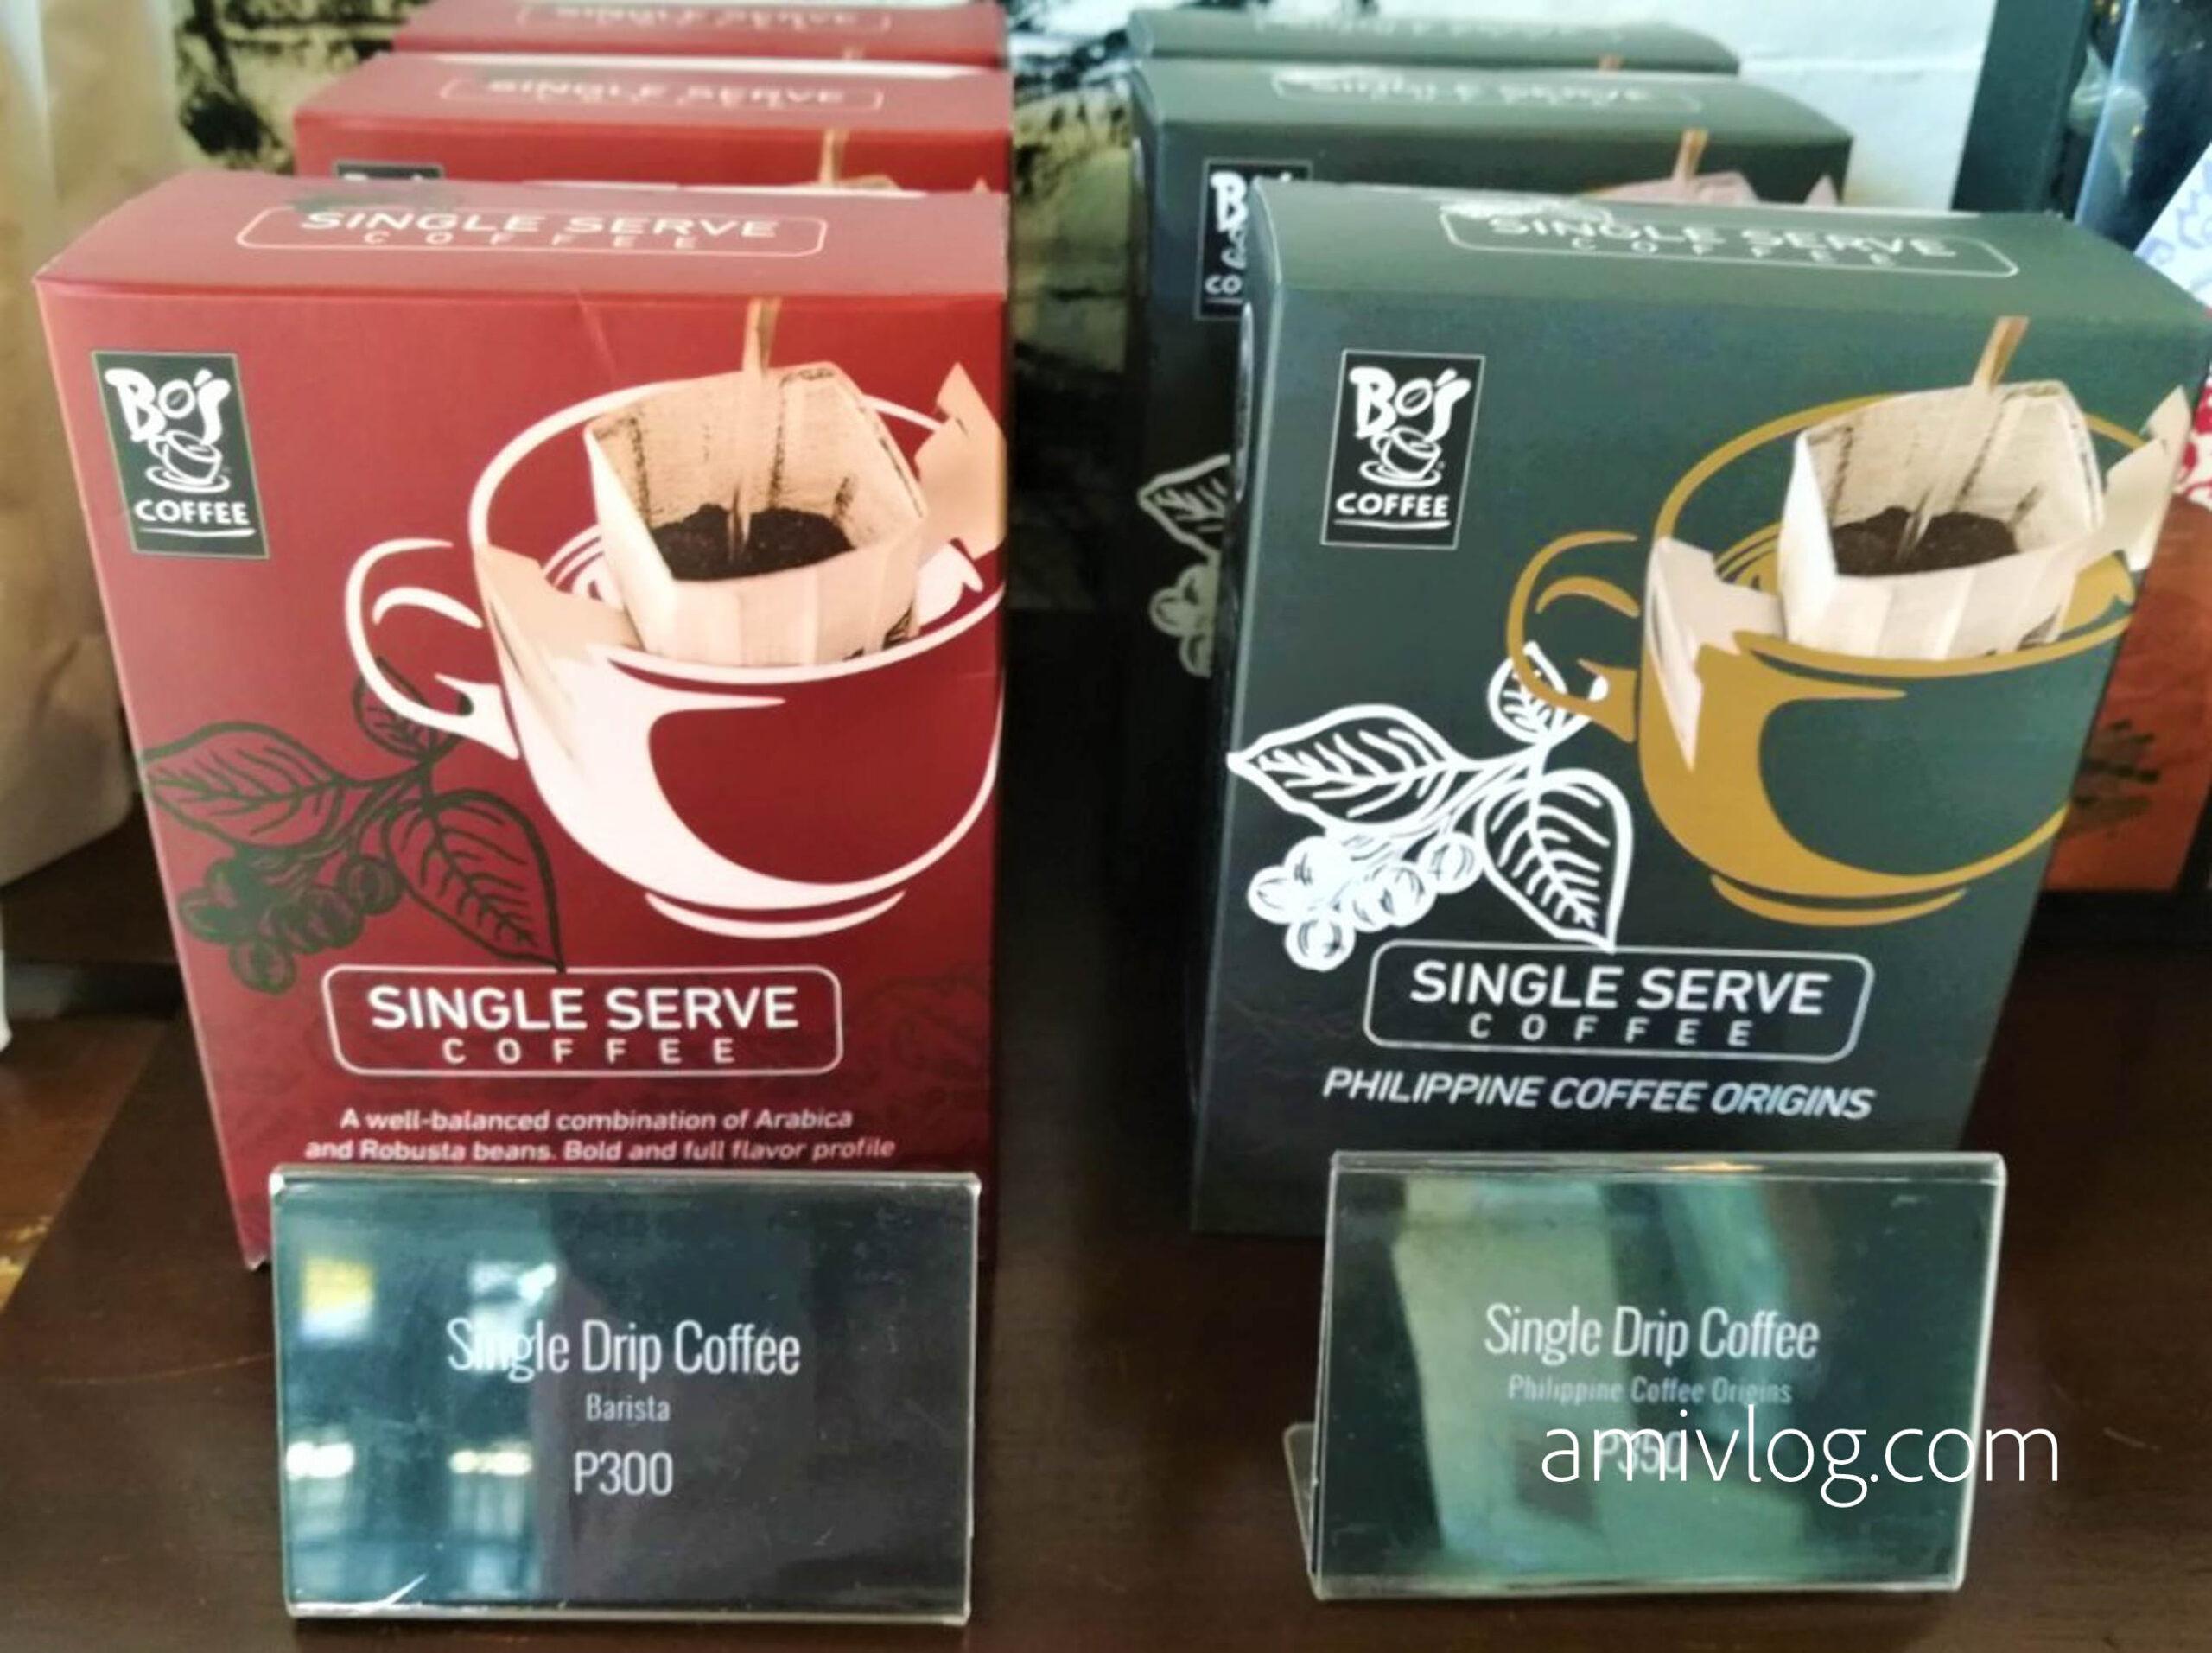 ドリップもある!「Bo's Coffee」のフィリピン産コーヒー